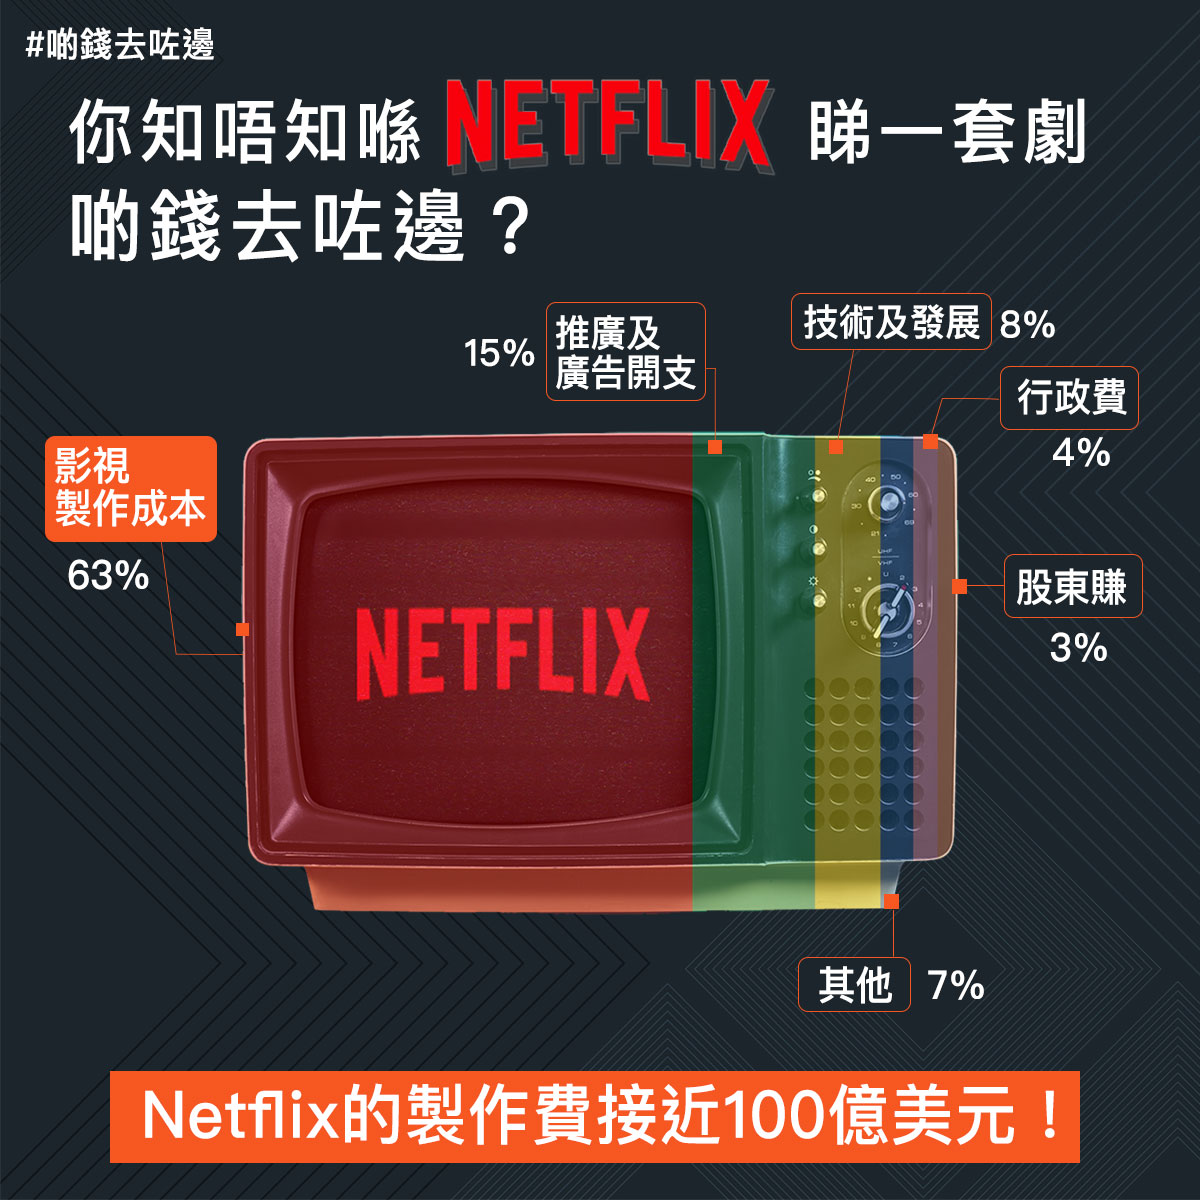 【啲錢去咗邊】你知唔知喺Netflix睇一套劇,啲錢去咗邊?